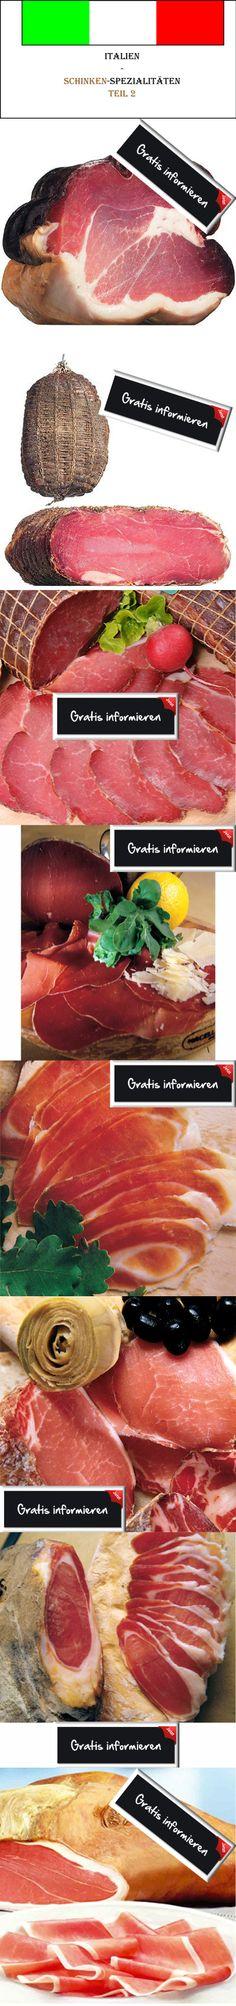 8 Sorten italienischer Schinken auf einem Blick - Hier wird es richtig lecker! Hier klicken: http://blogde.rohinie.com/2013/01/schinken/  #Italien #Suedtirol #Schinken #Feinkost #Toskana